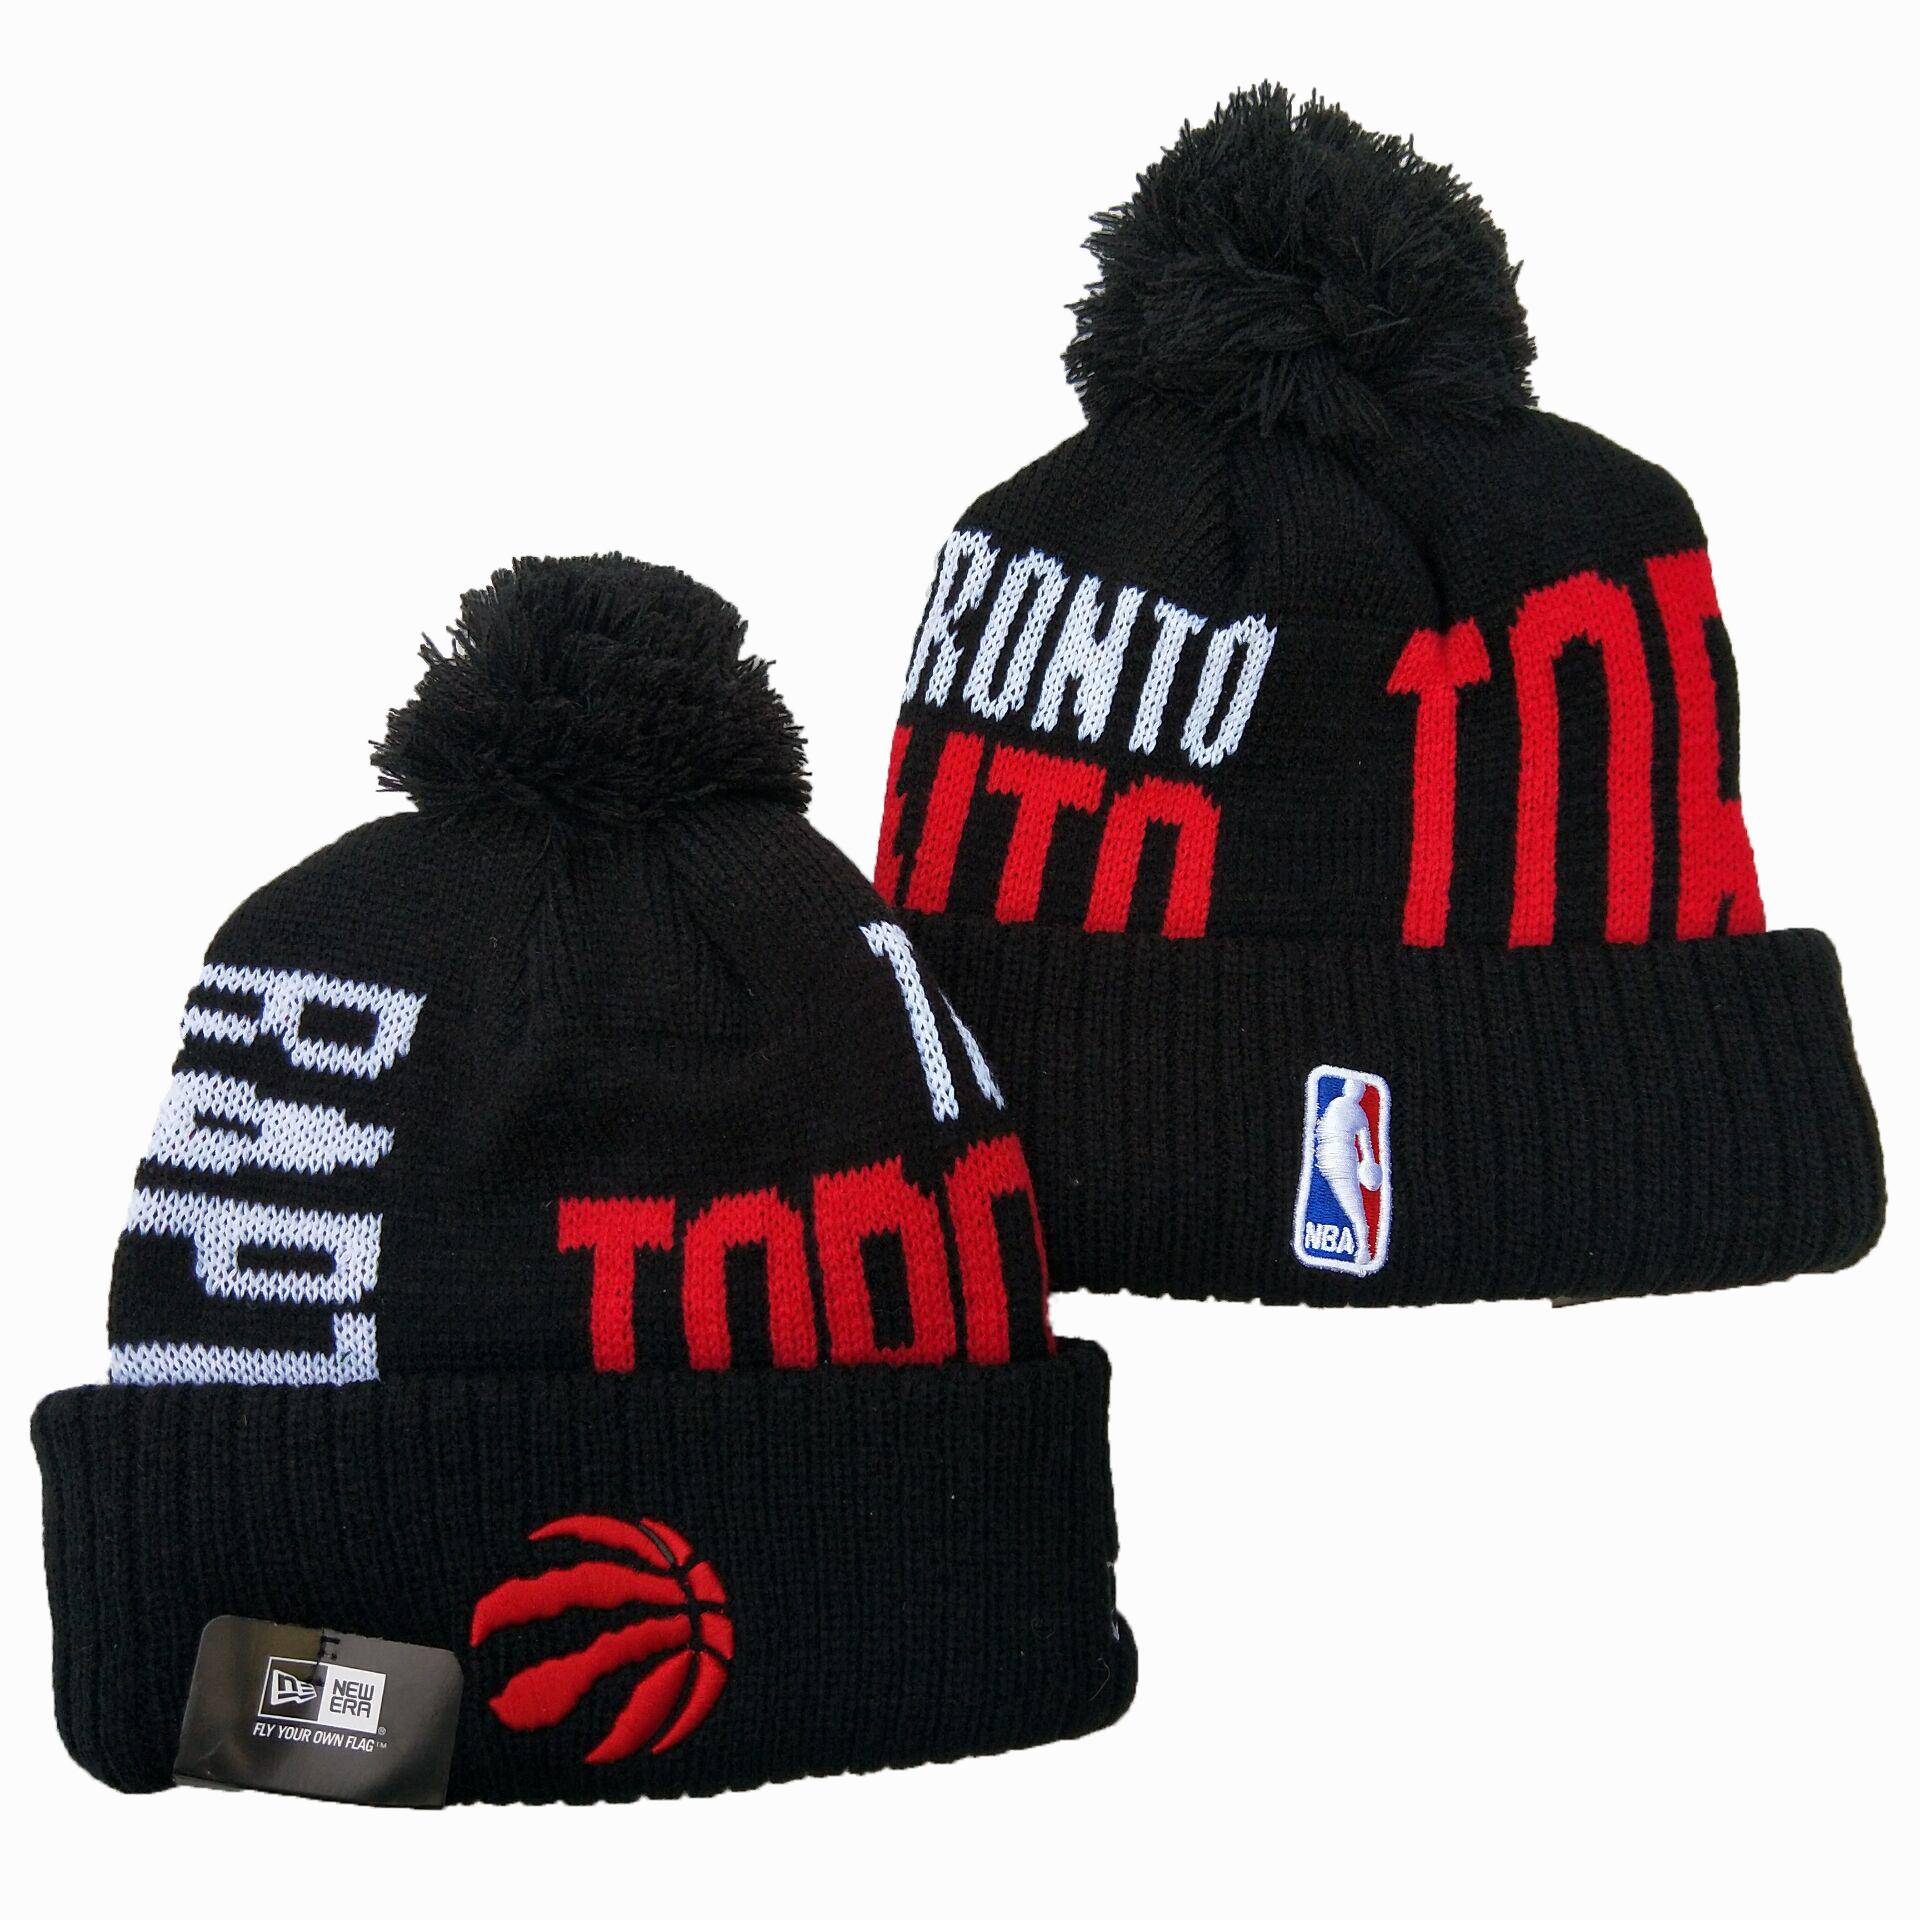 Raptors Team Logo Black Wordmark Cuffed Pom Knit Hat YD